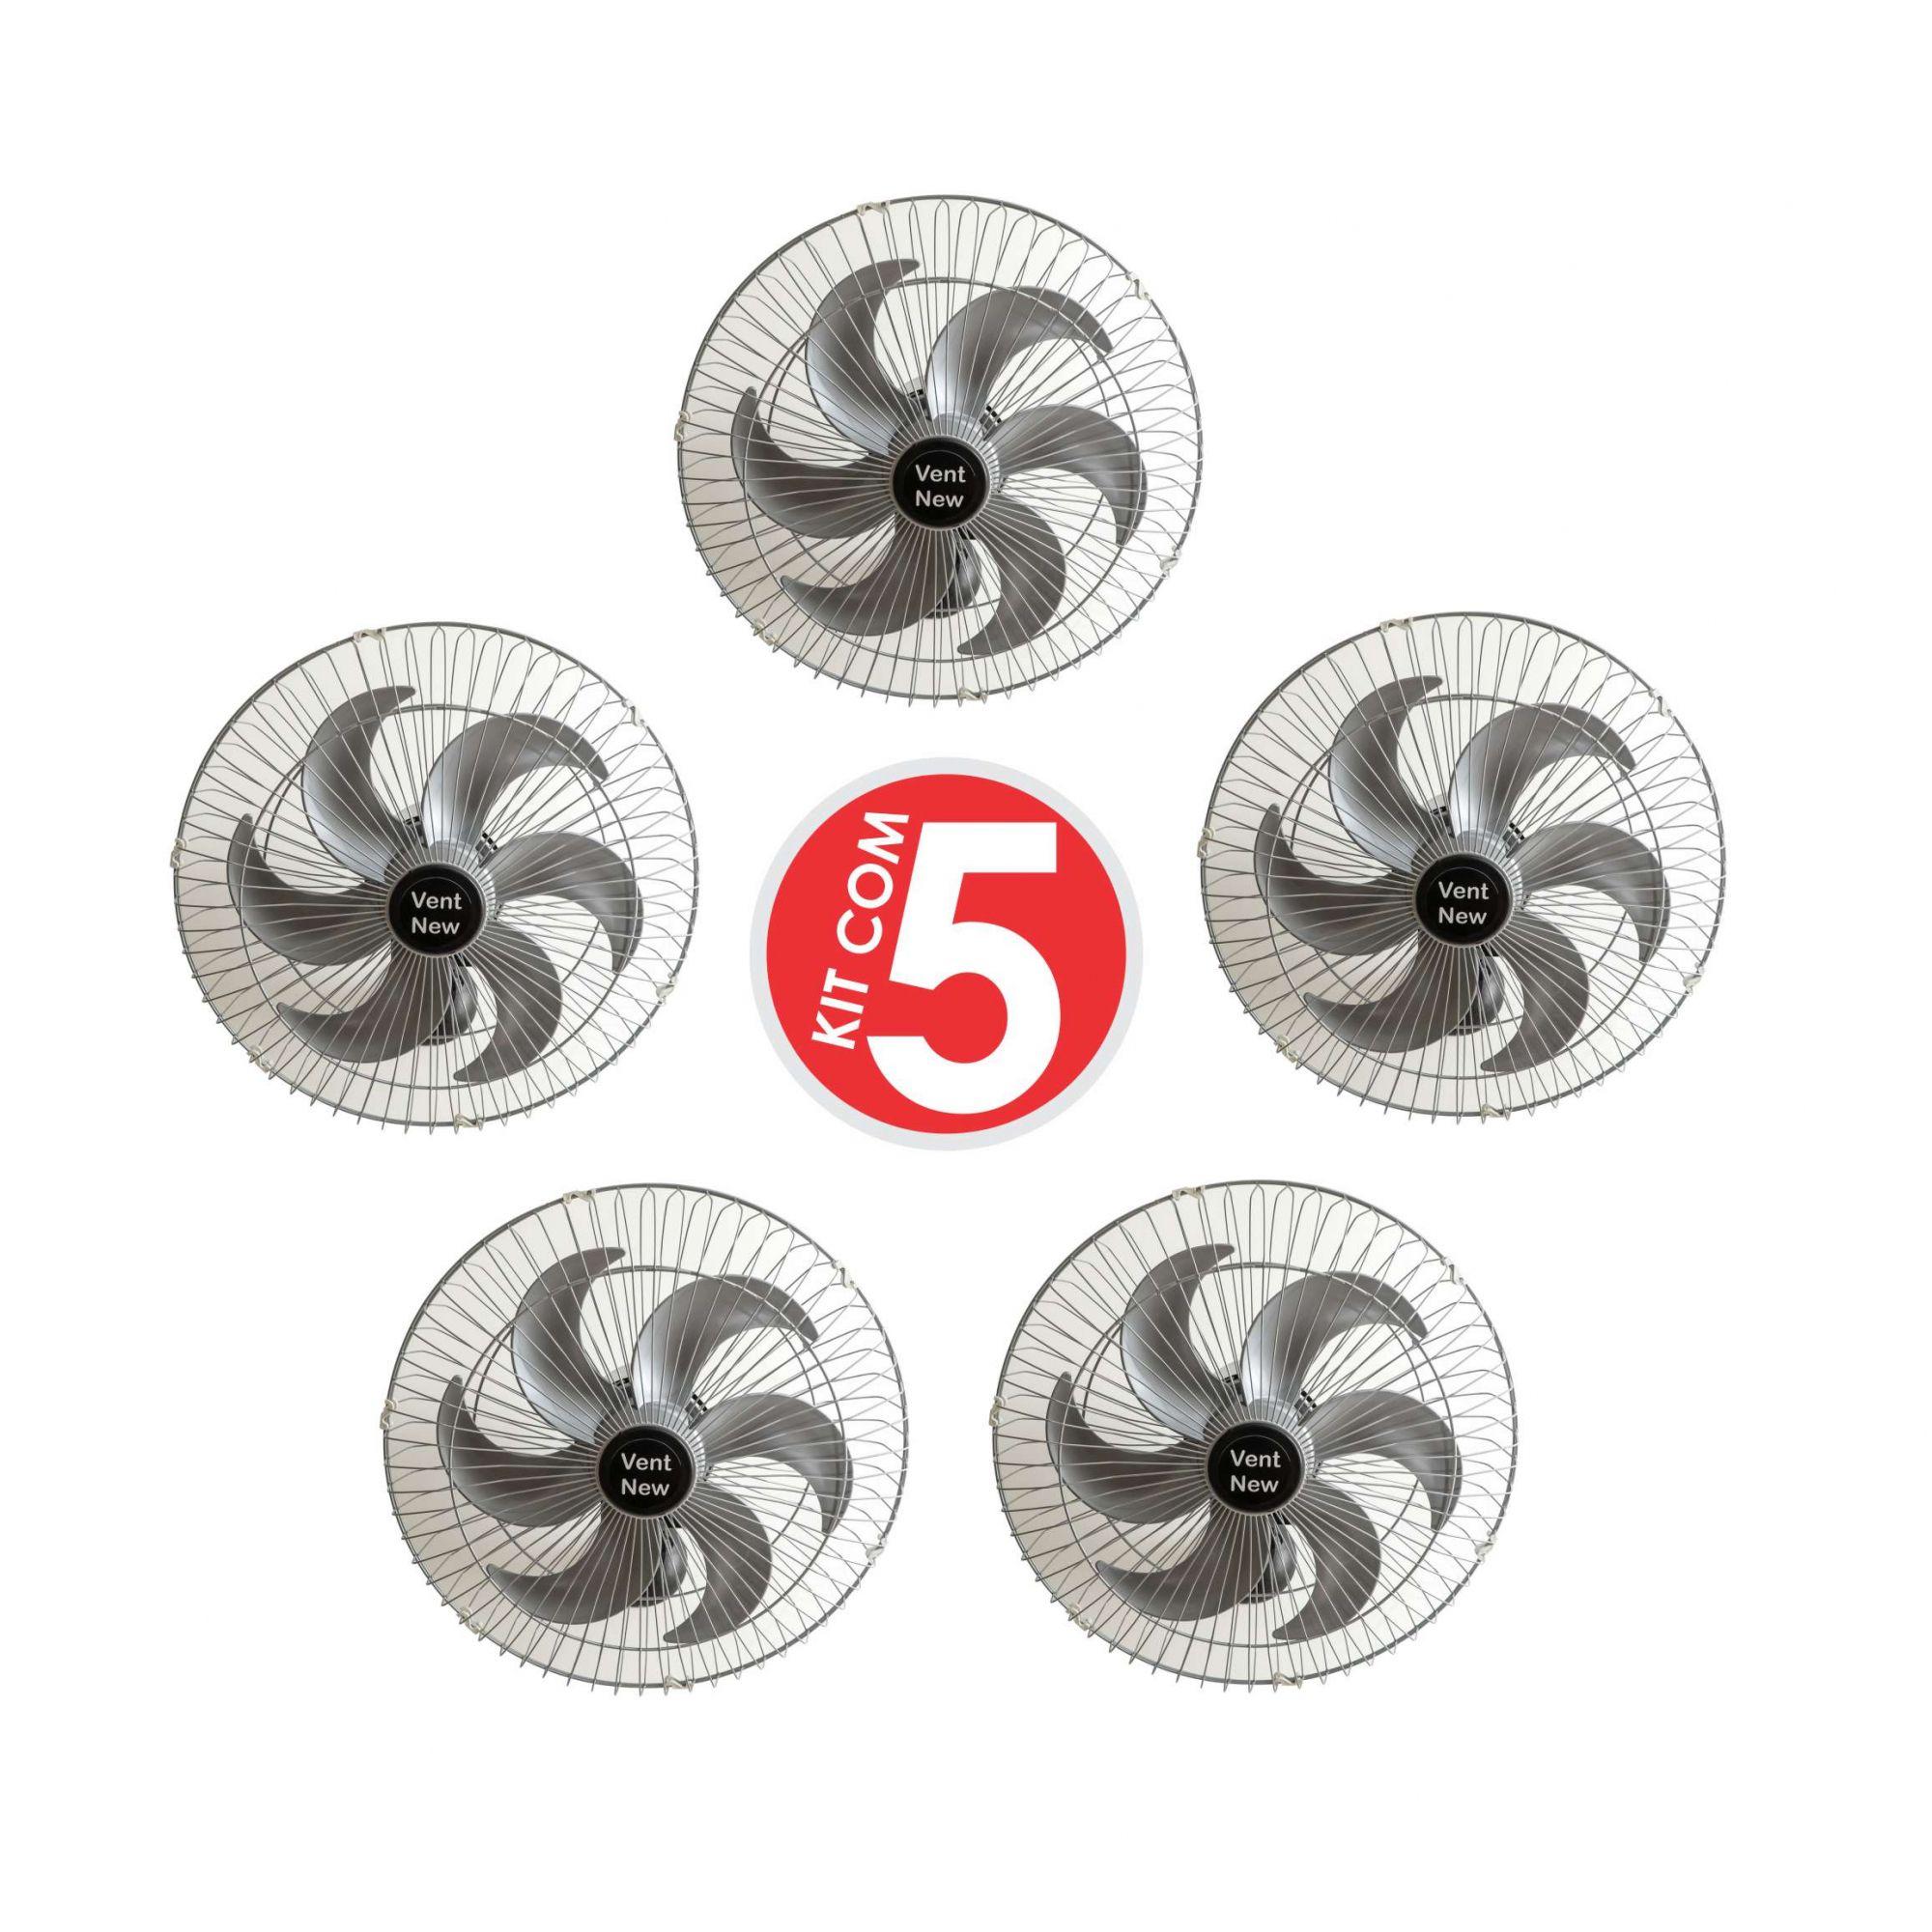 Kit 5 Ventiladores Parede Oscilante 50 Cm Prata / Prata Bivolt Grade Aço